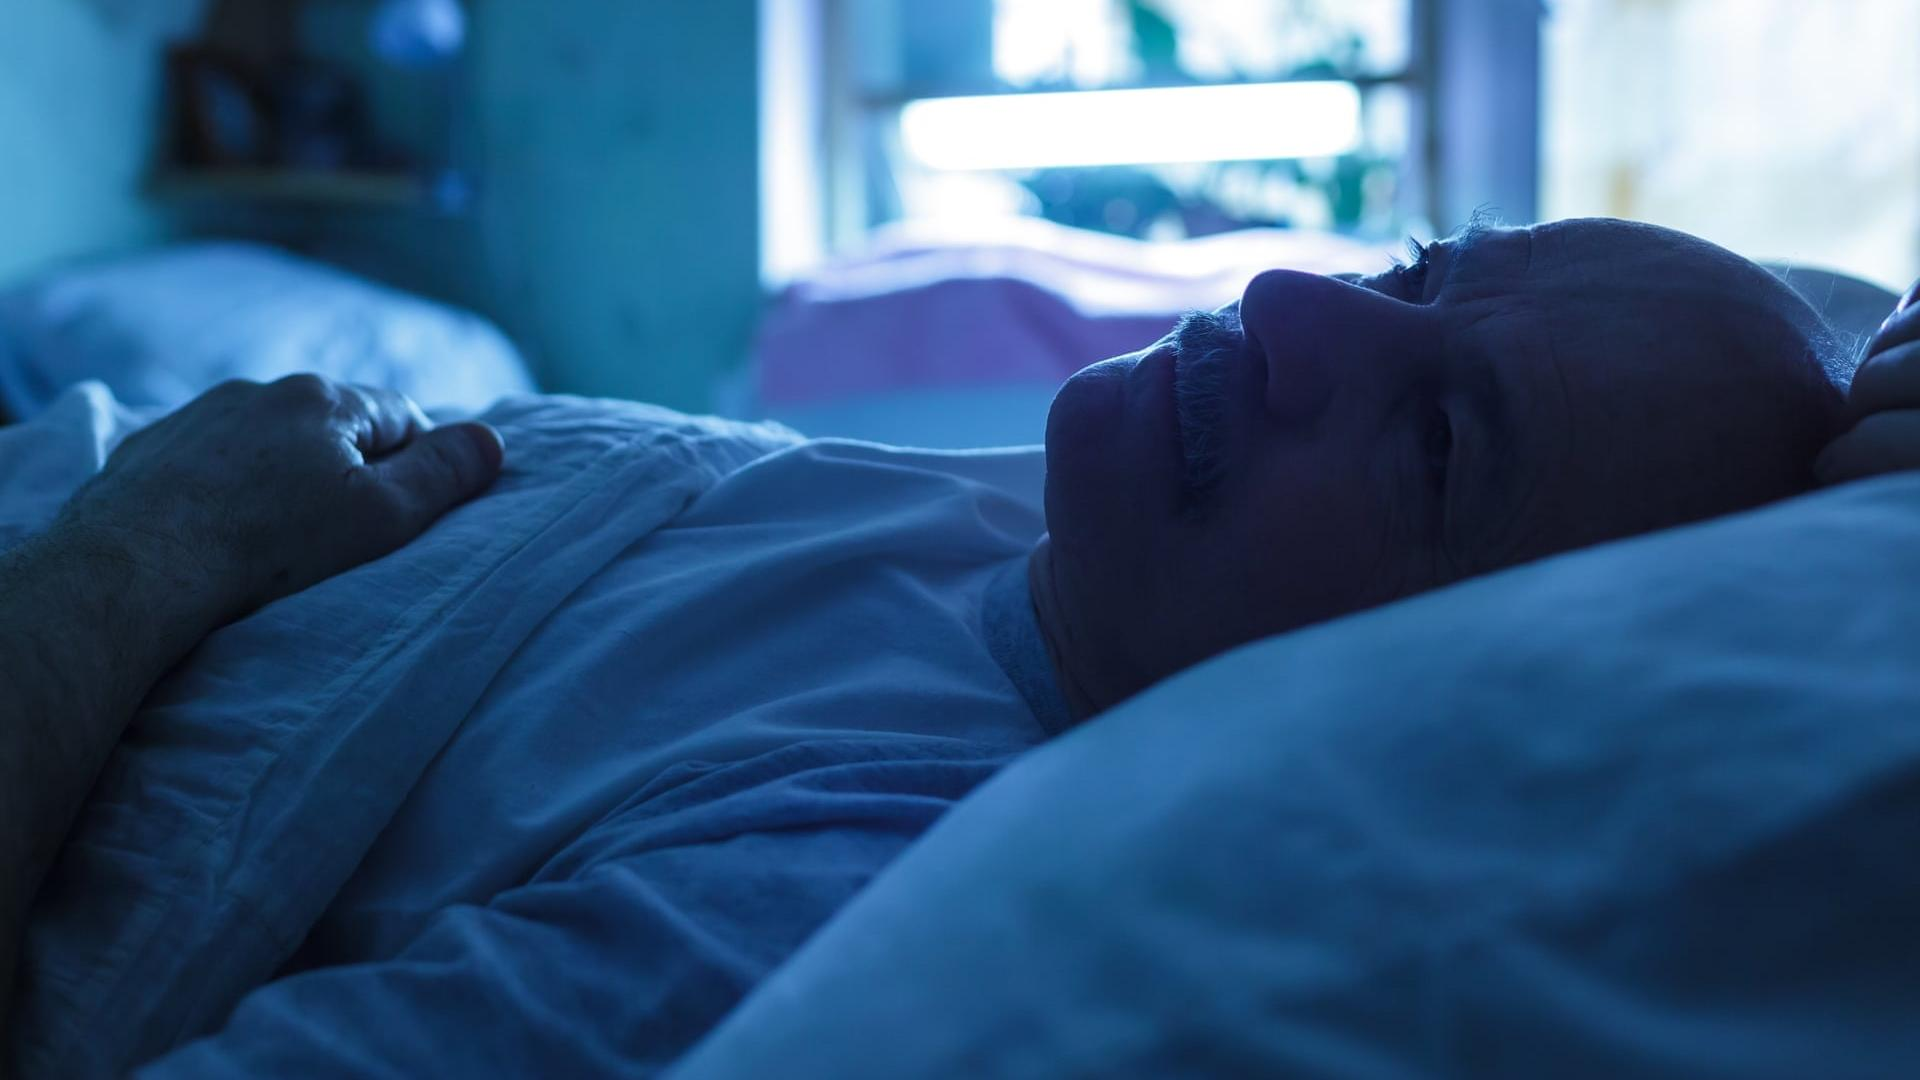 Психотерапия может эффективно помочь при бессоннице